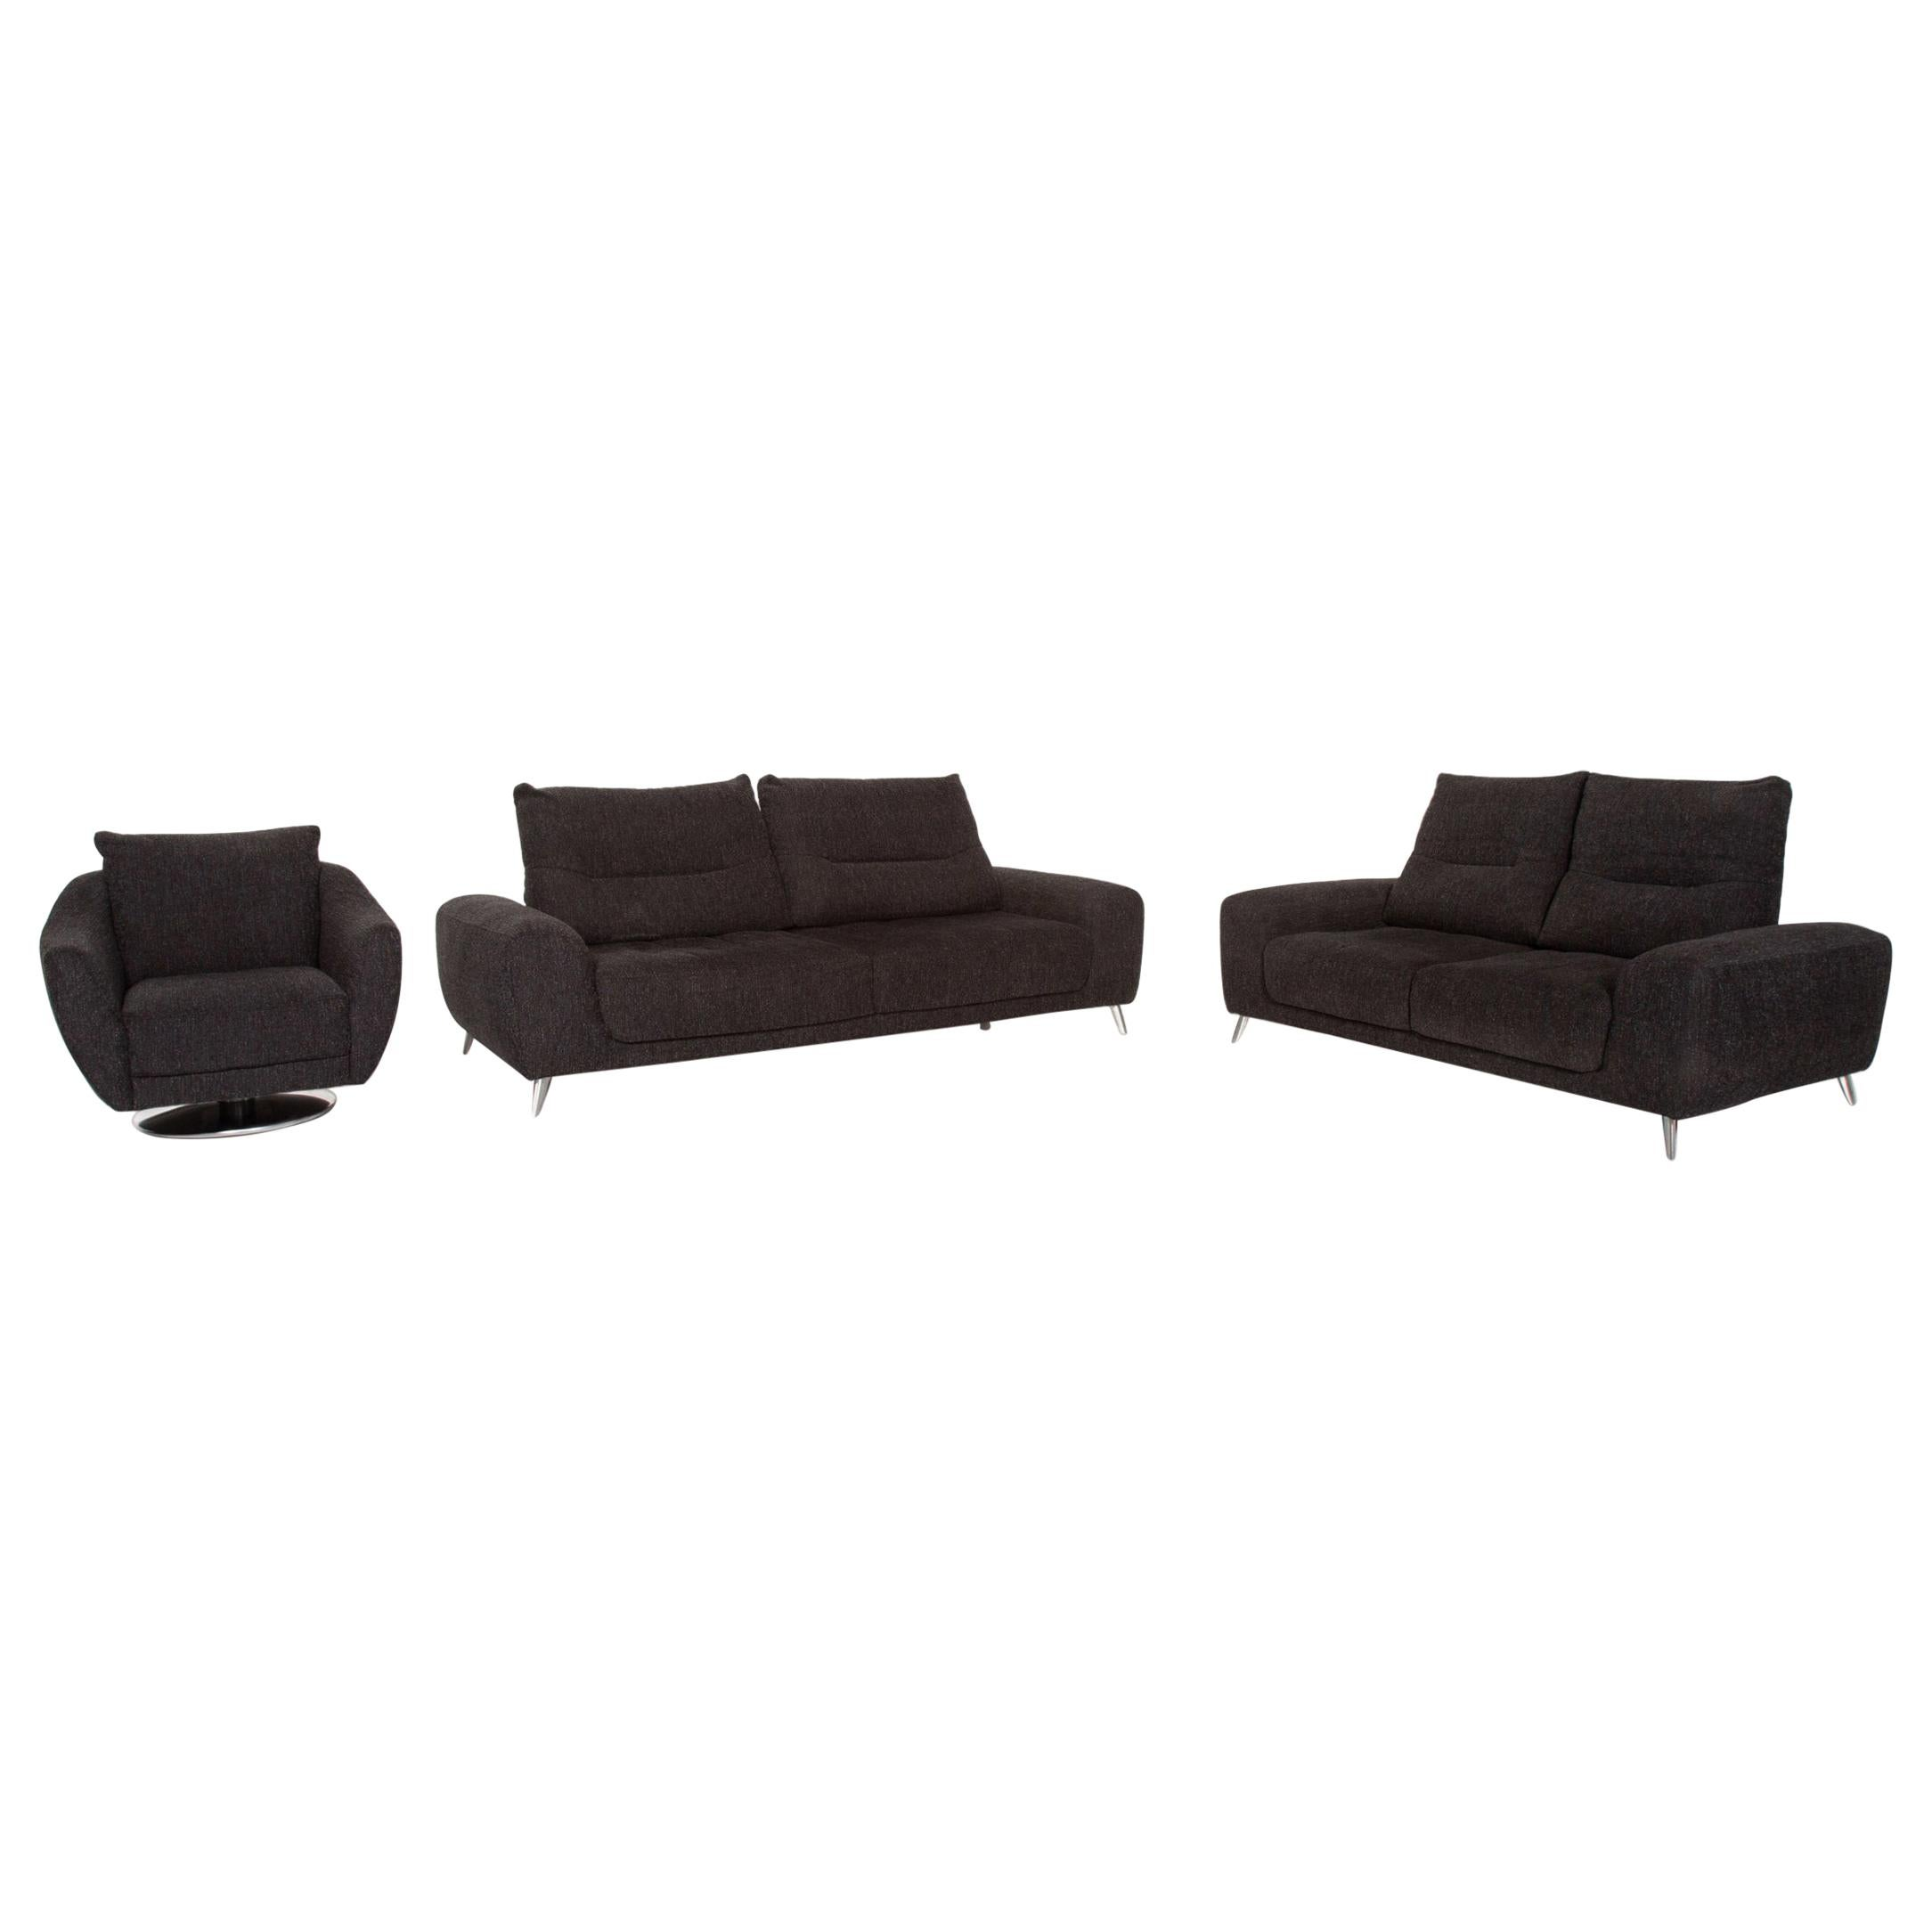 Mondo Fabric Sofa Set Anthracite Gray 1 Four-Seat 1 Two-Seat 1 Armchair